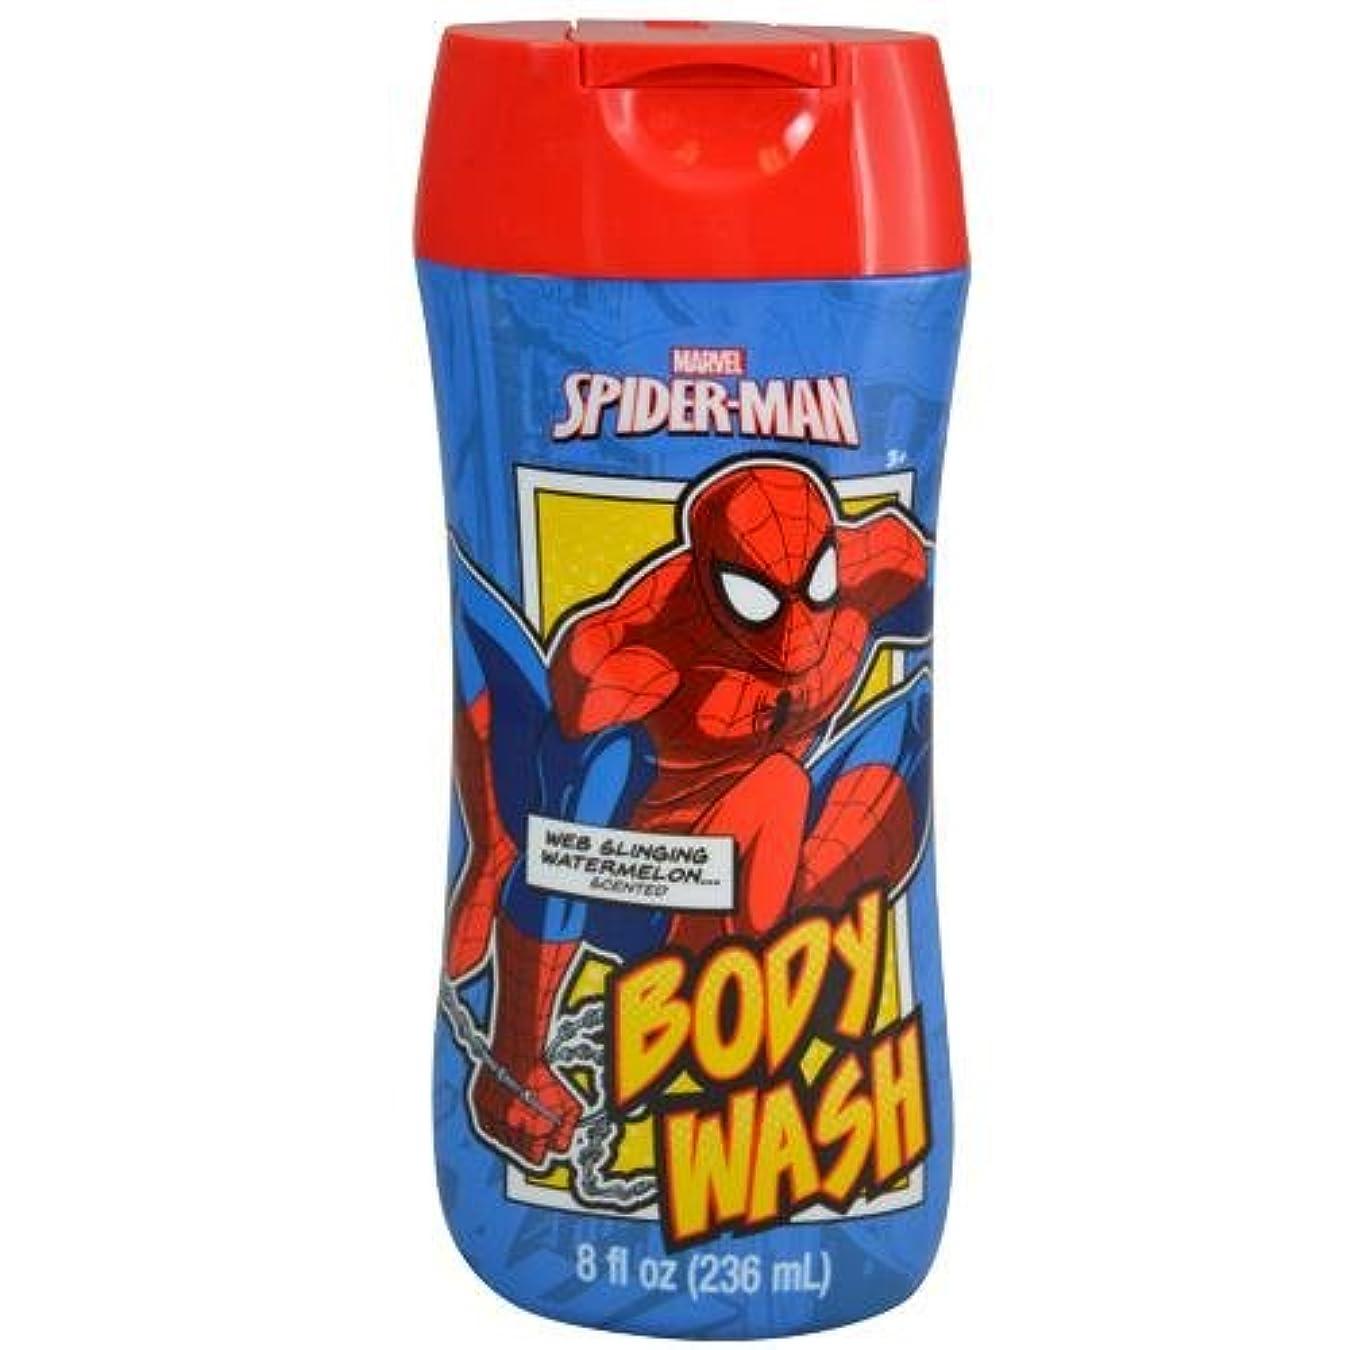 傾向反逆者オセアニアスパイダーマン SPIDER-MAN ボディーソープ 12185 MARVEL お風呂 ボディ ソープ 子供用 キッズ ボディソープ MARVEL ボディウォッシュ マーベル ボディーウォッシュ【即日?翌日発送】